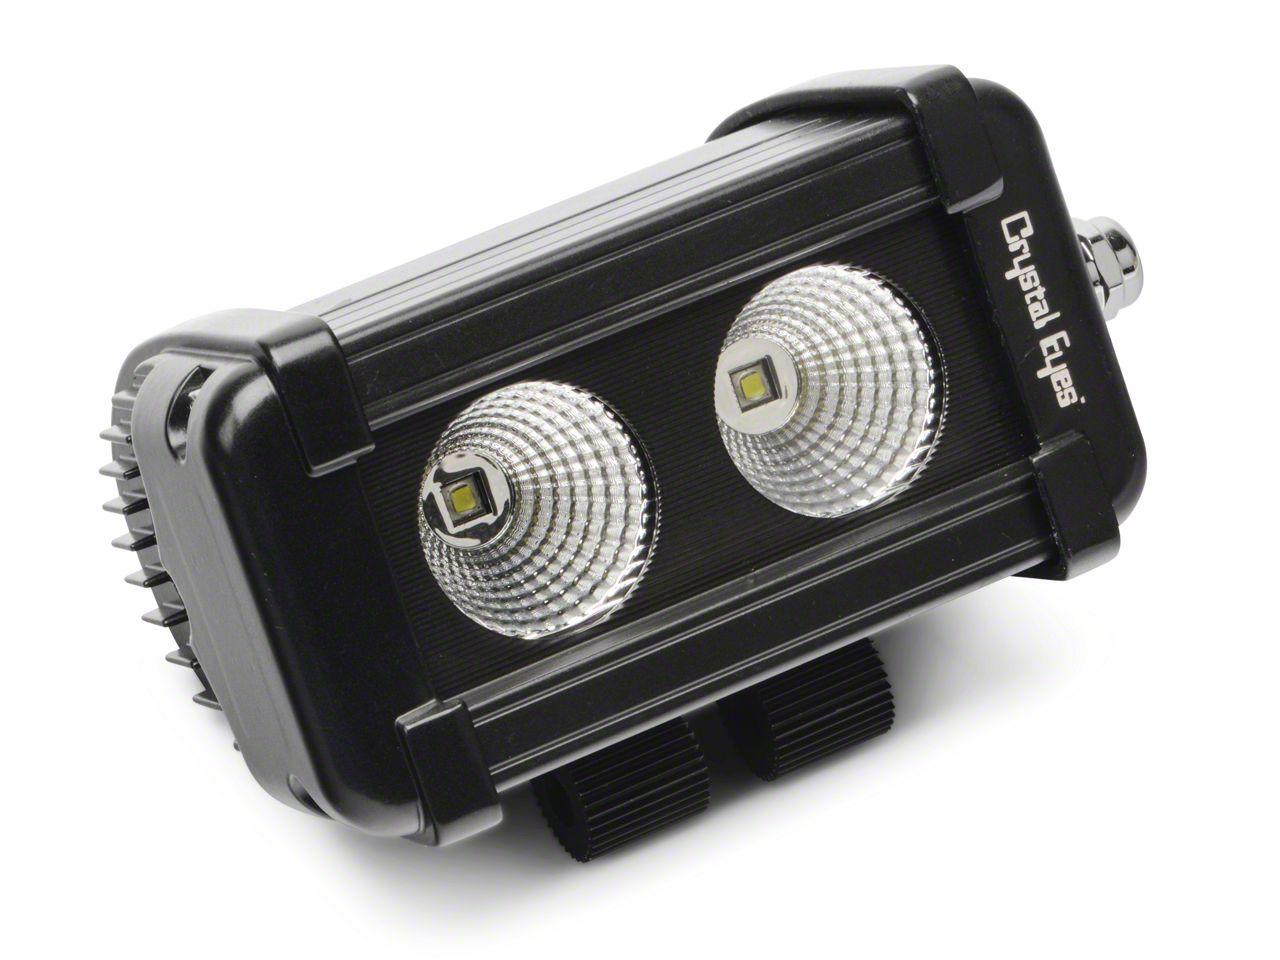 Alteon 5 in. 8 Series LED Light Bar - 60 Degree Flood Beam